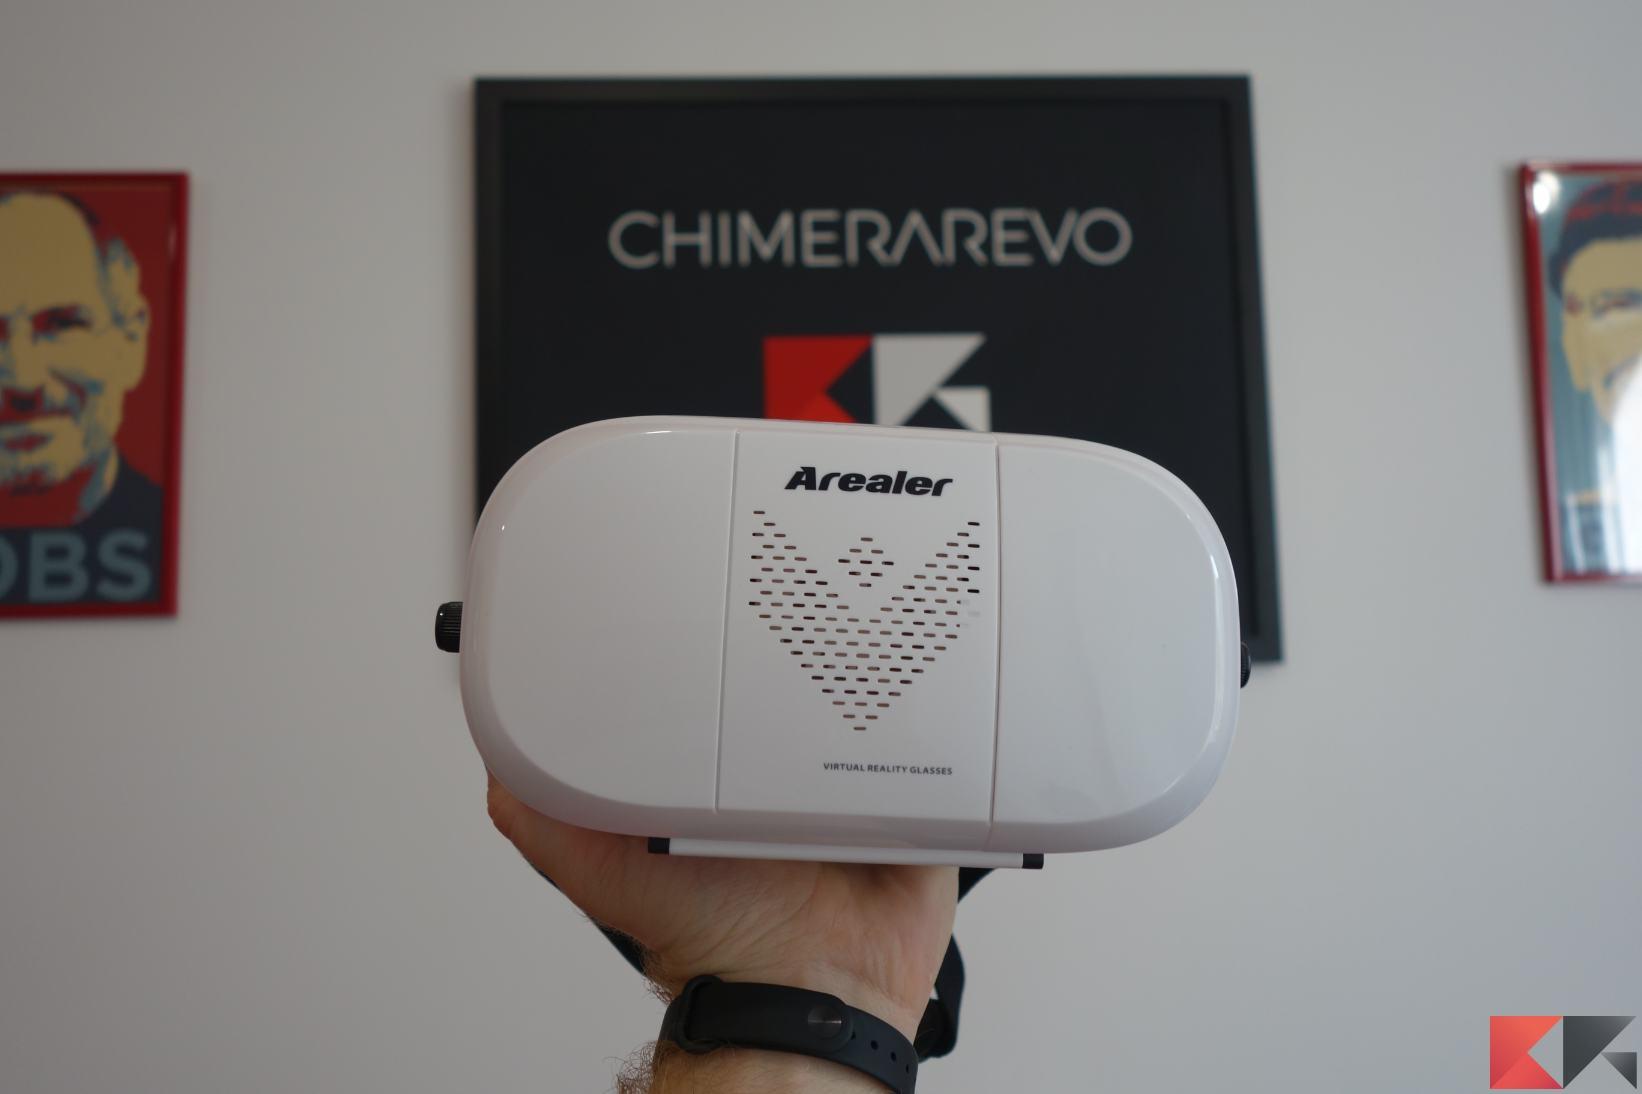 visore VR Arealer 9